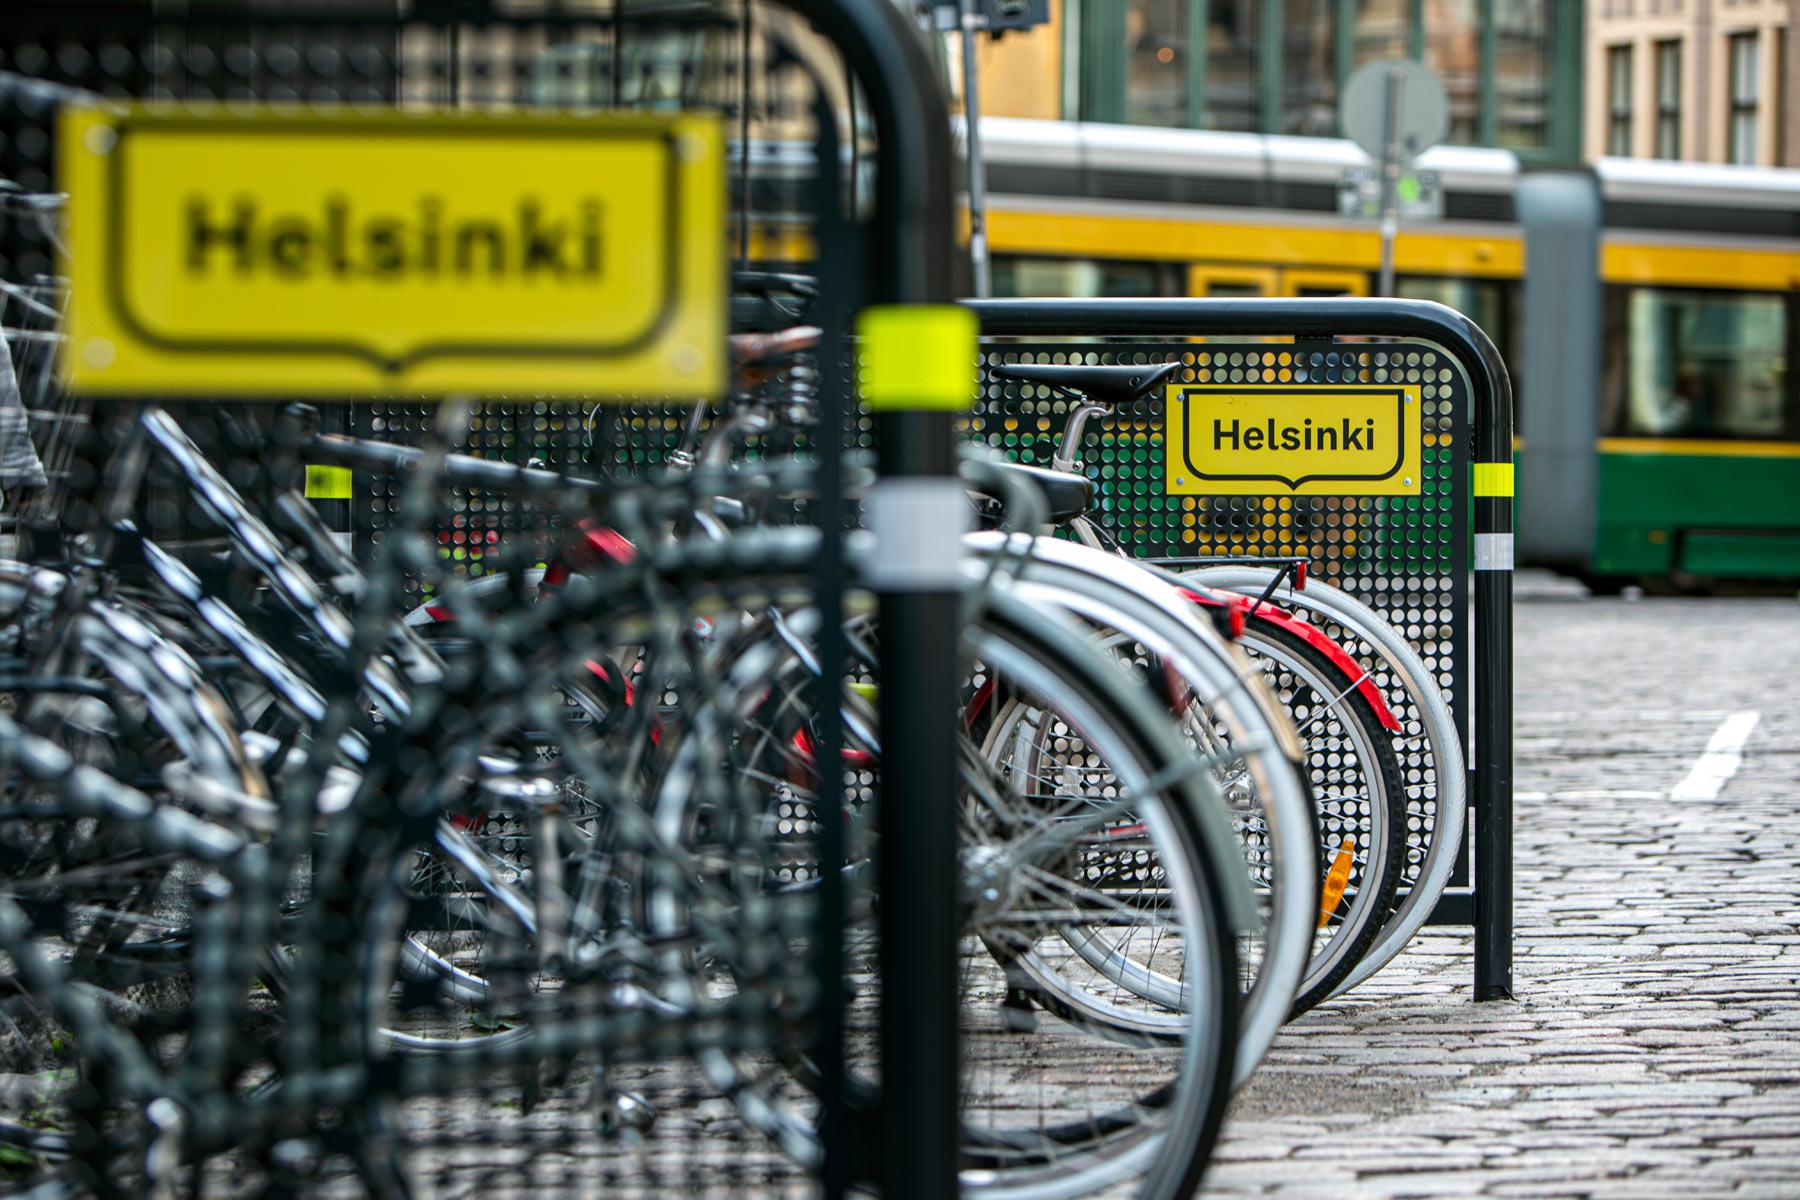 Parkkiruudussa pyöräaitaus